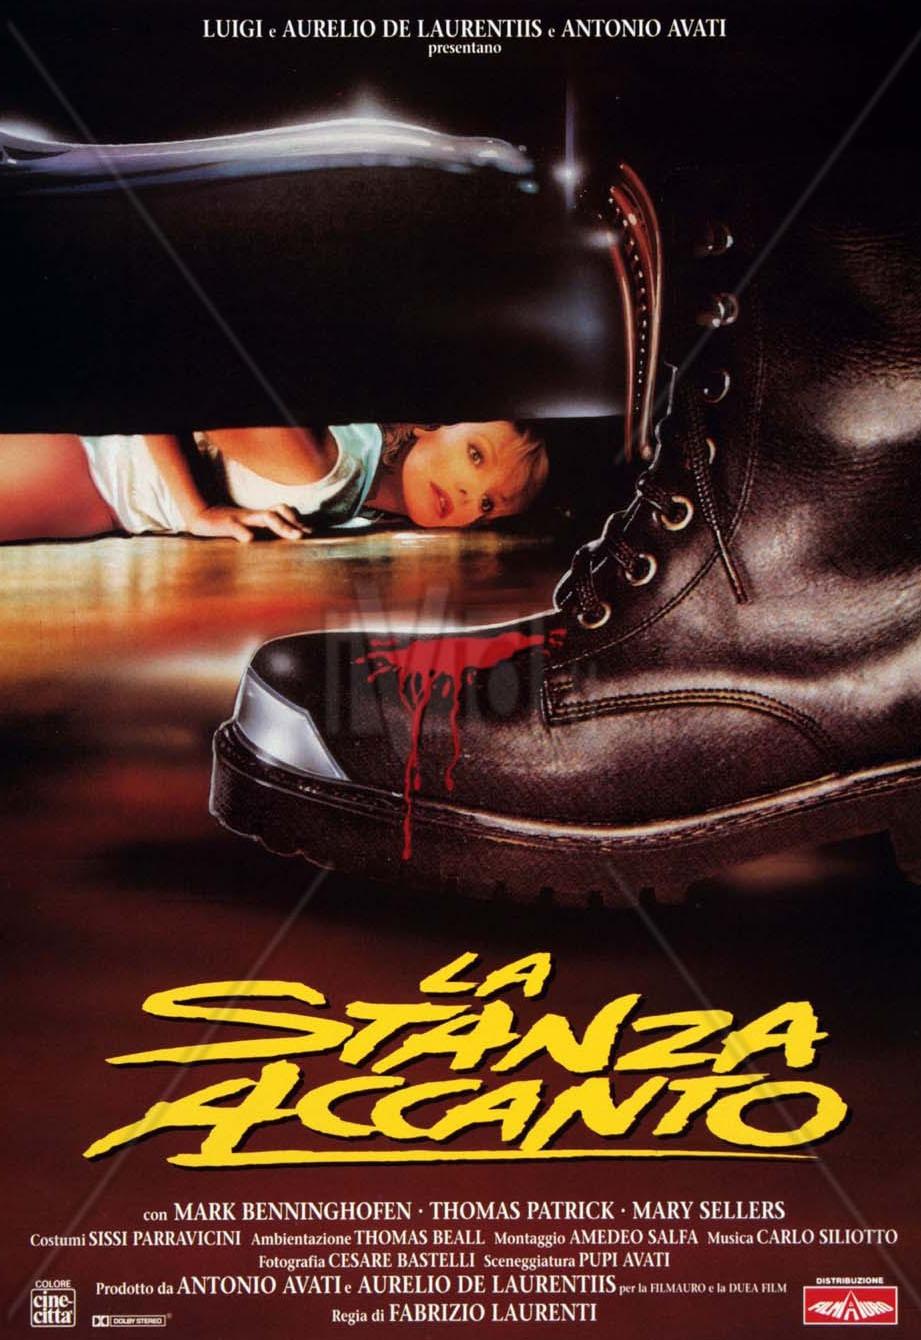 LA STANZA ACCANTO movie poster